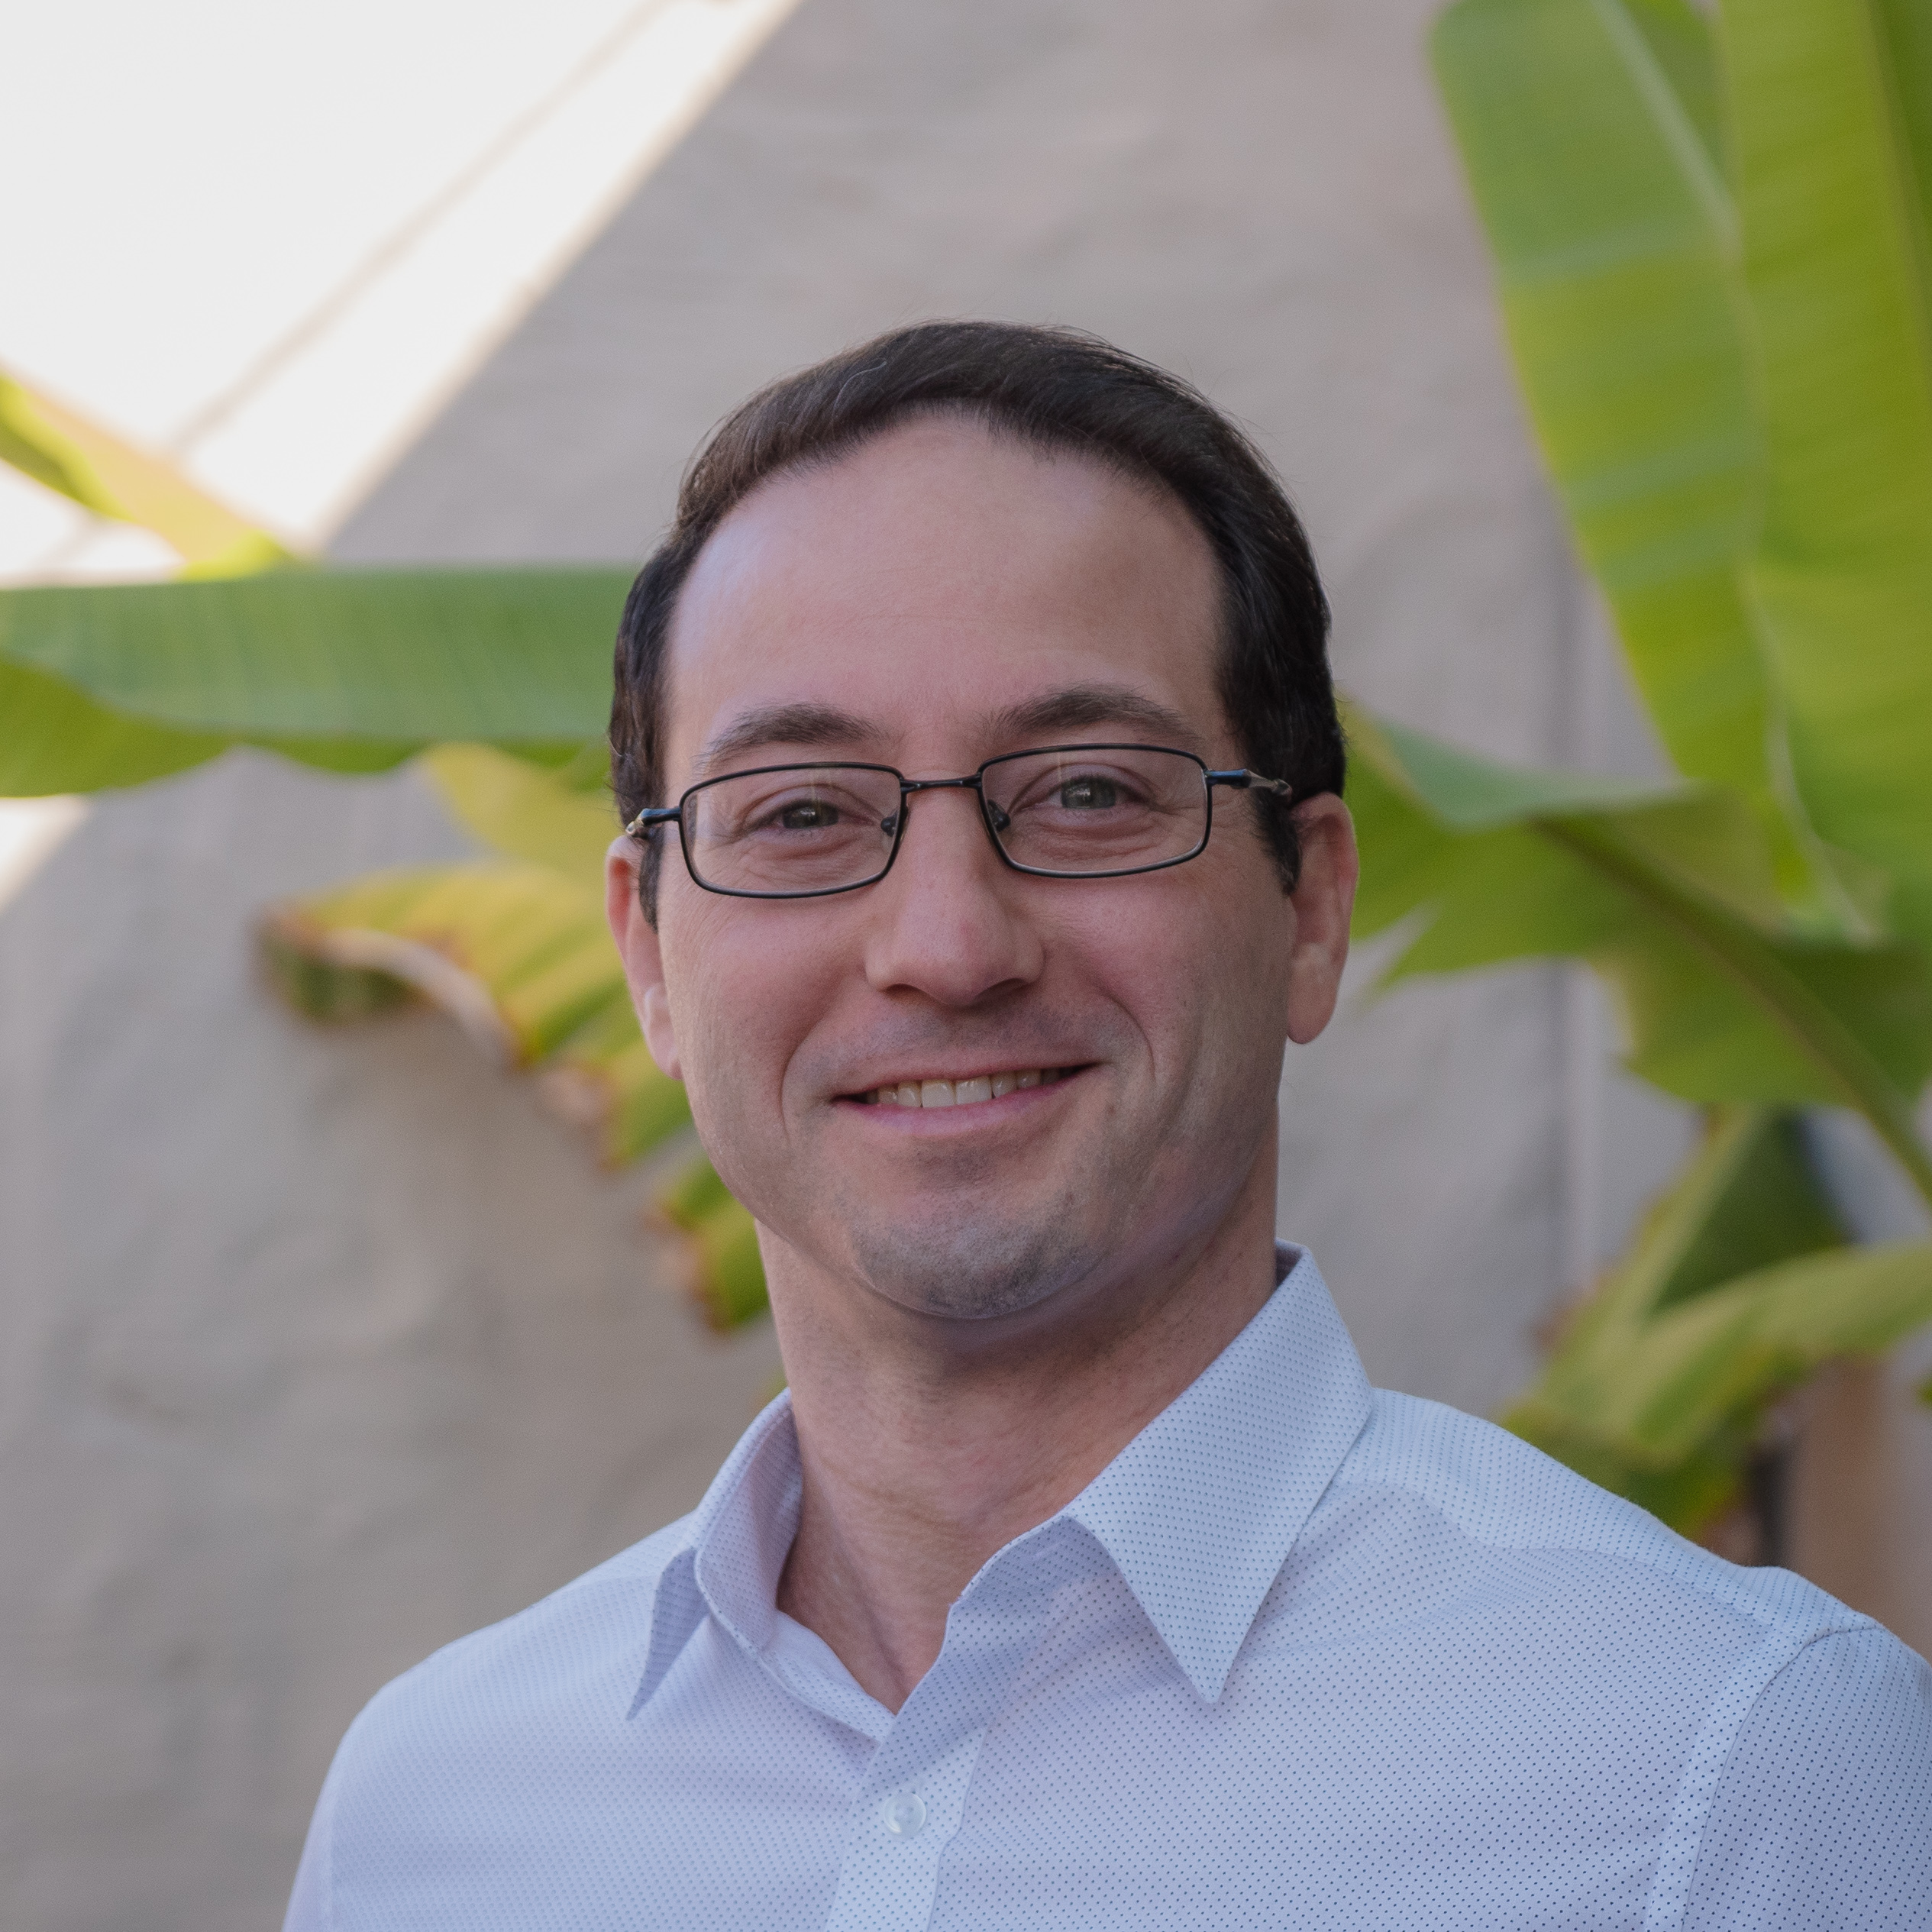 Eric Geller, MBA